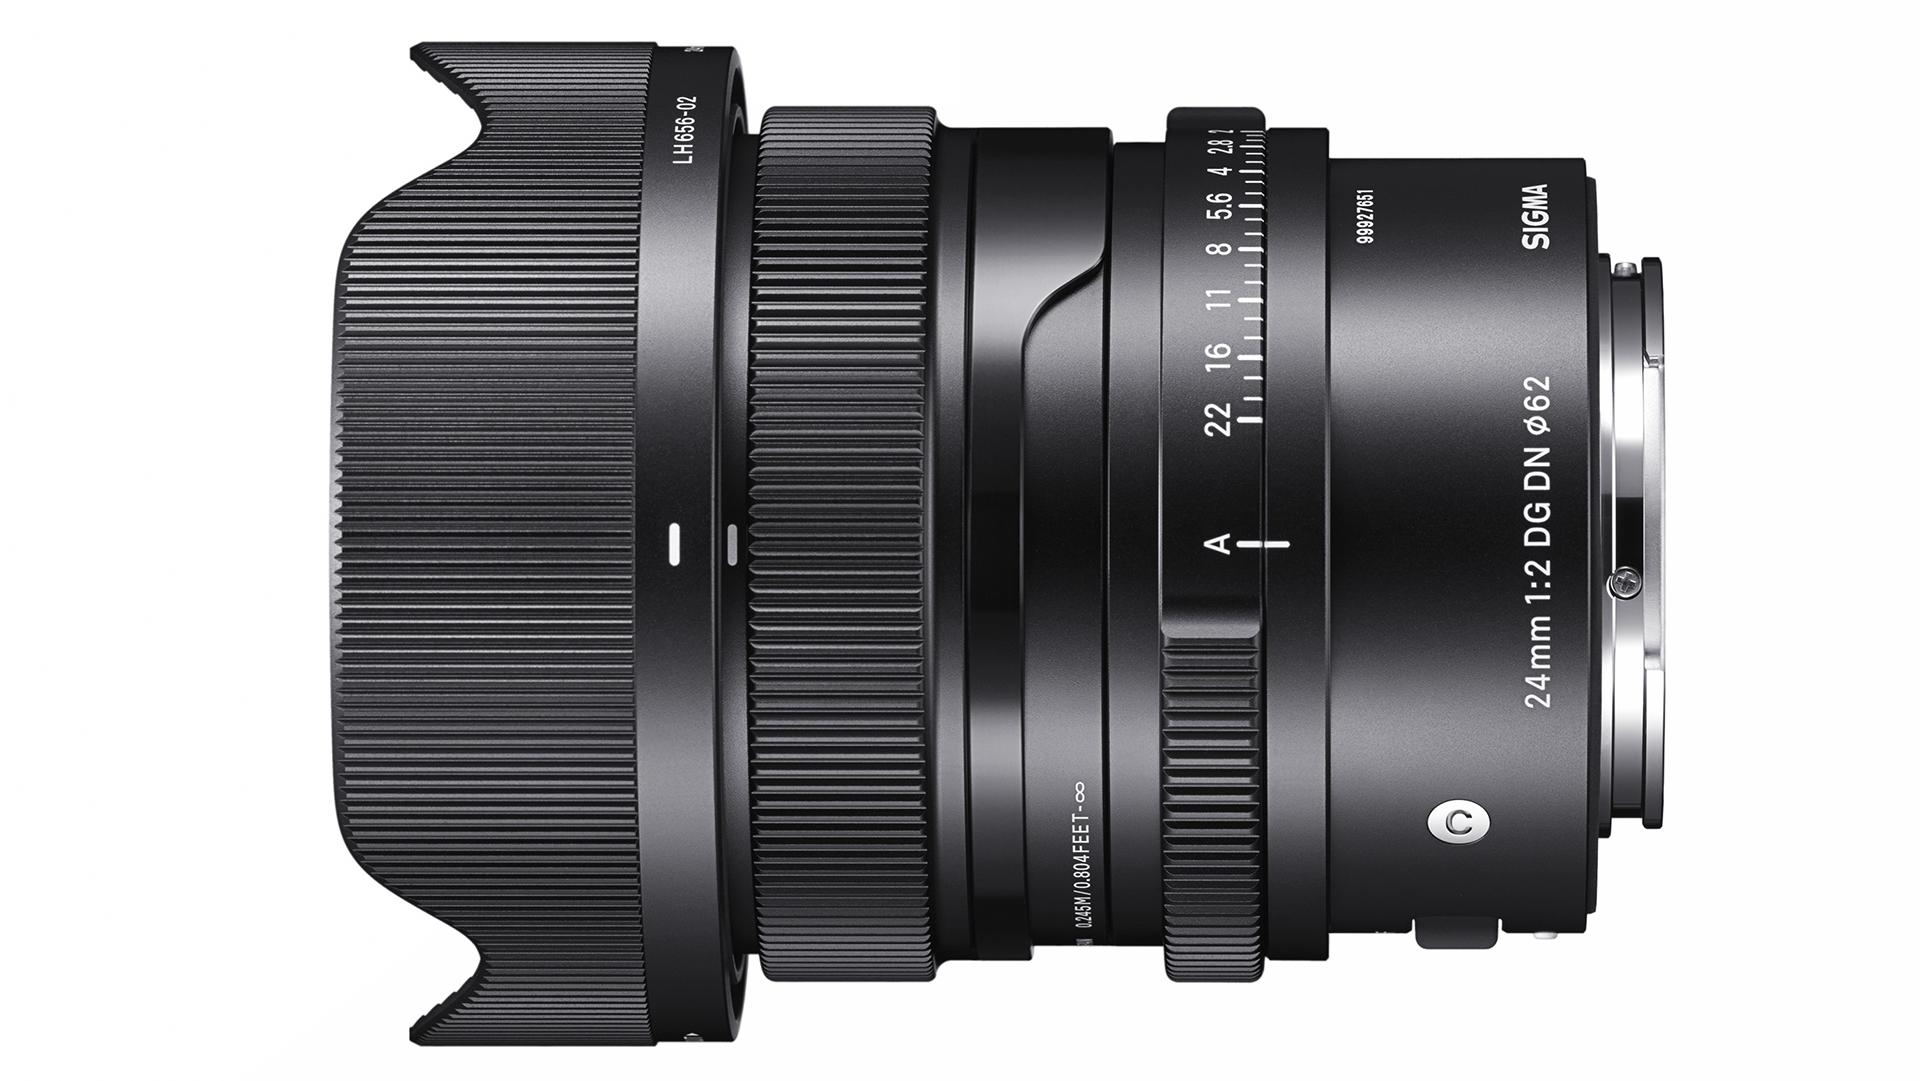 Sigma 24mm f/2.0 DG DN Contemporary